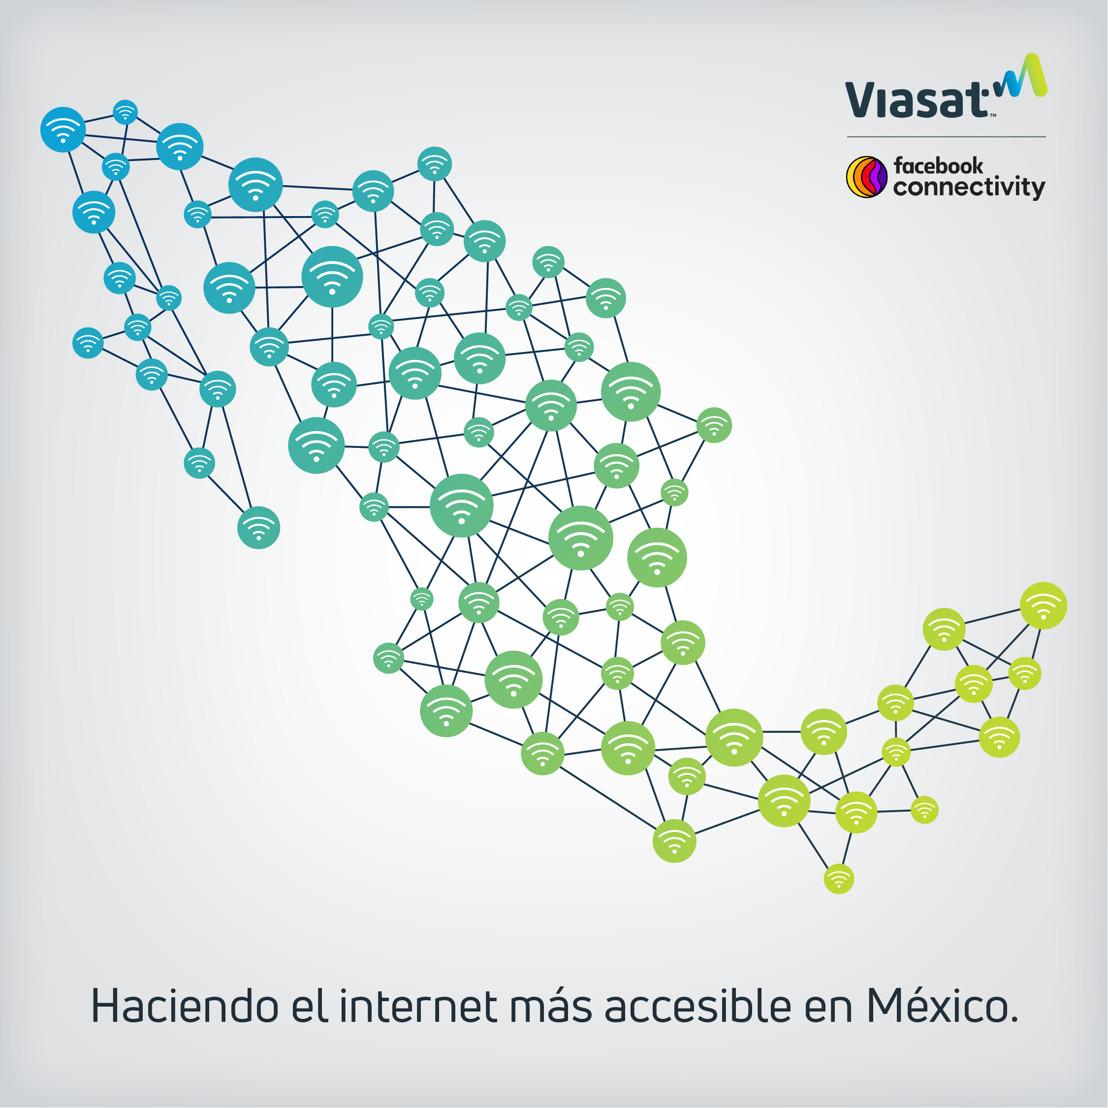 Viasat y Facebook colaboran para expandir la conectividad en zonas rurales de México